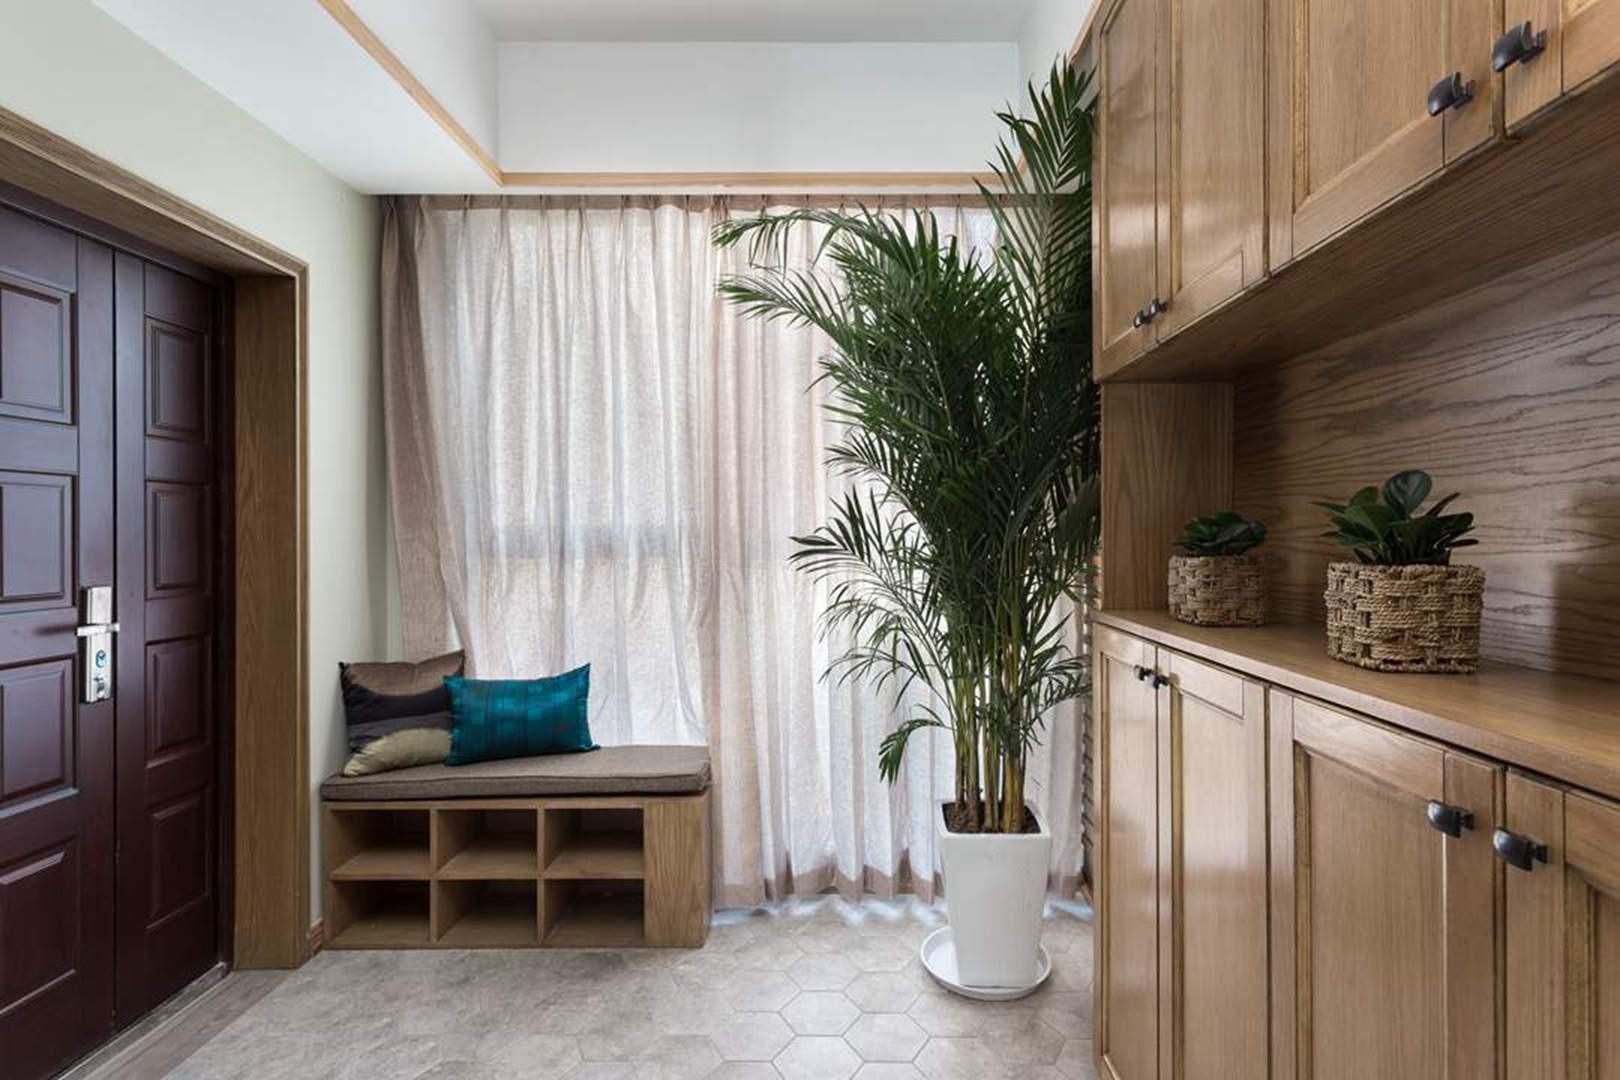 福州日式三居装修,享受慵懒舒?#20107;?#29983;活